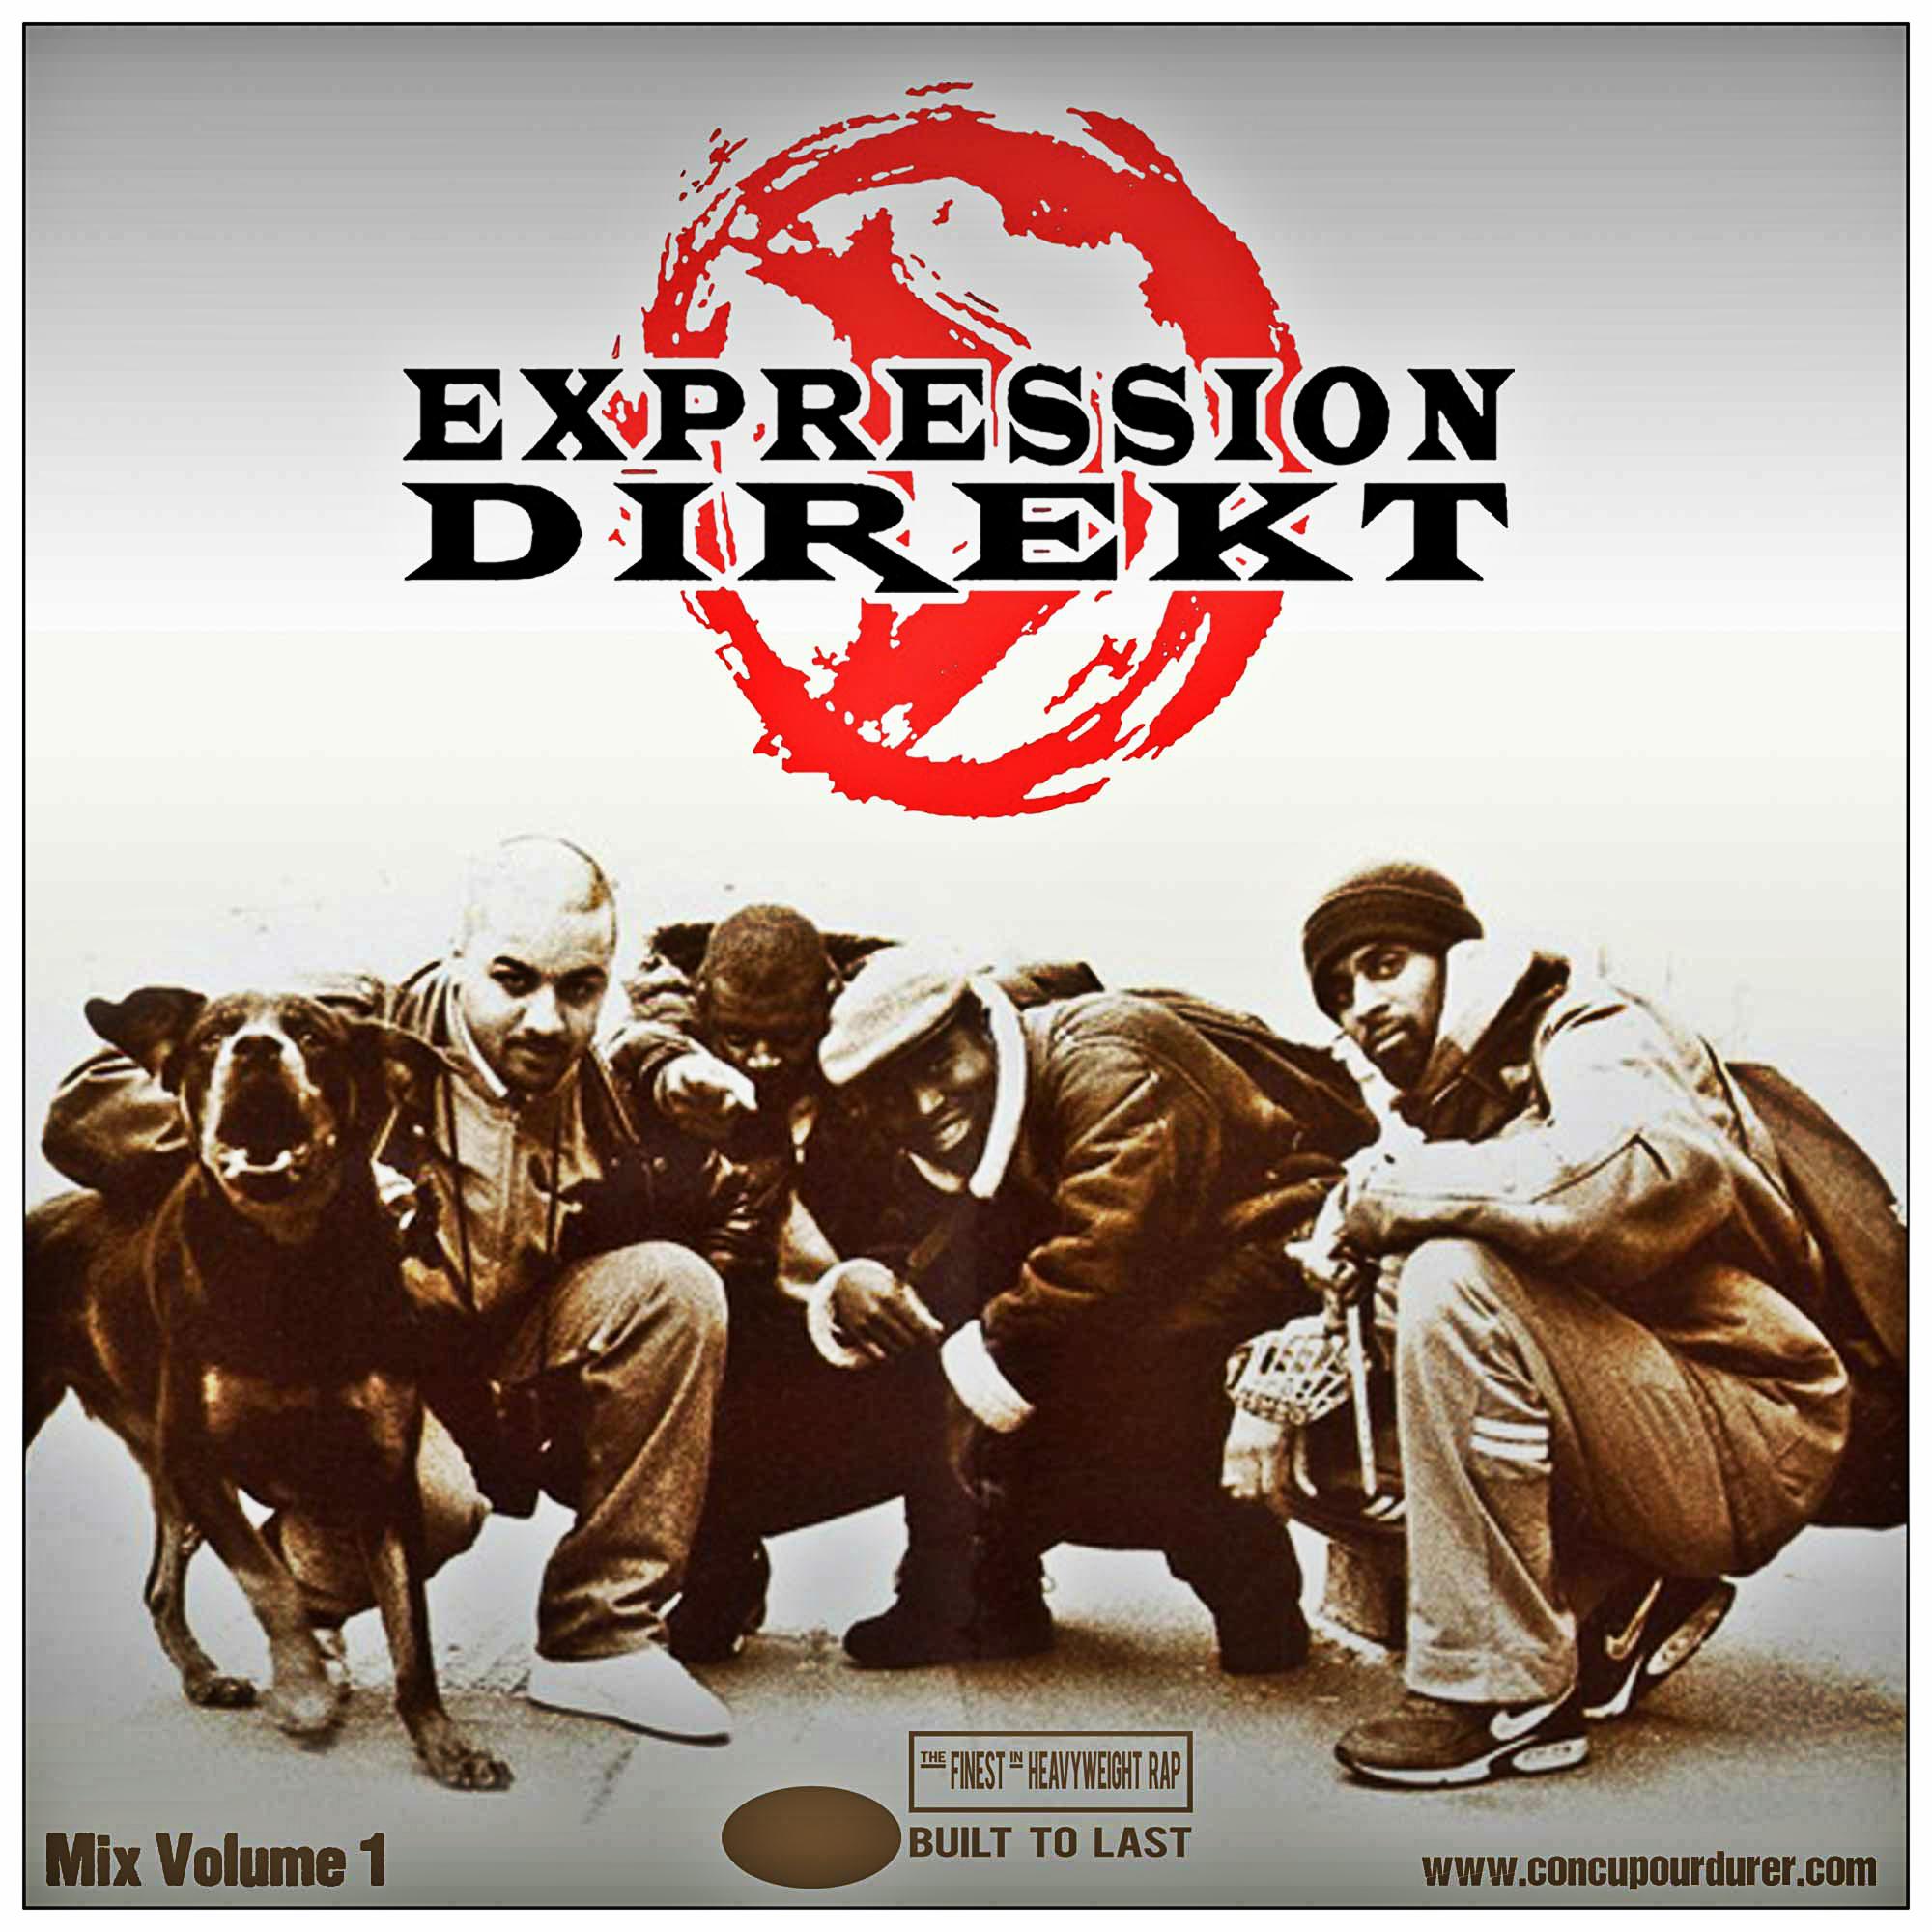 Expression Direkt - Mix Volume 1